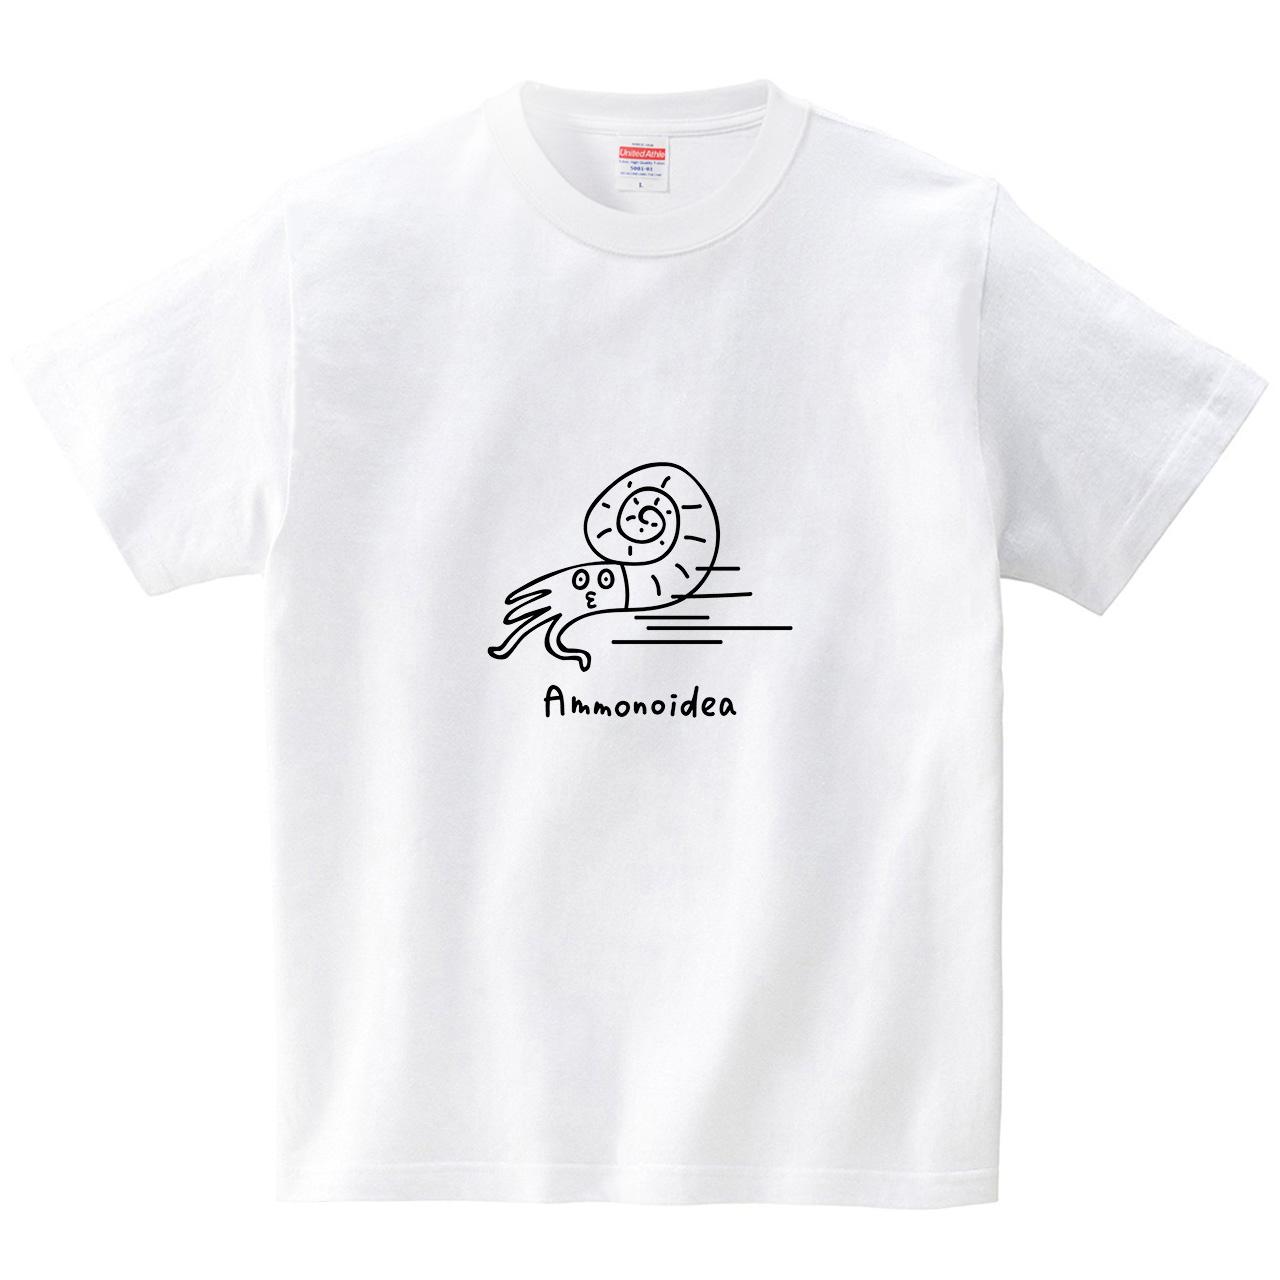 走るアンモナイト(Tシャツ・ホワイト)(オワリ)